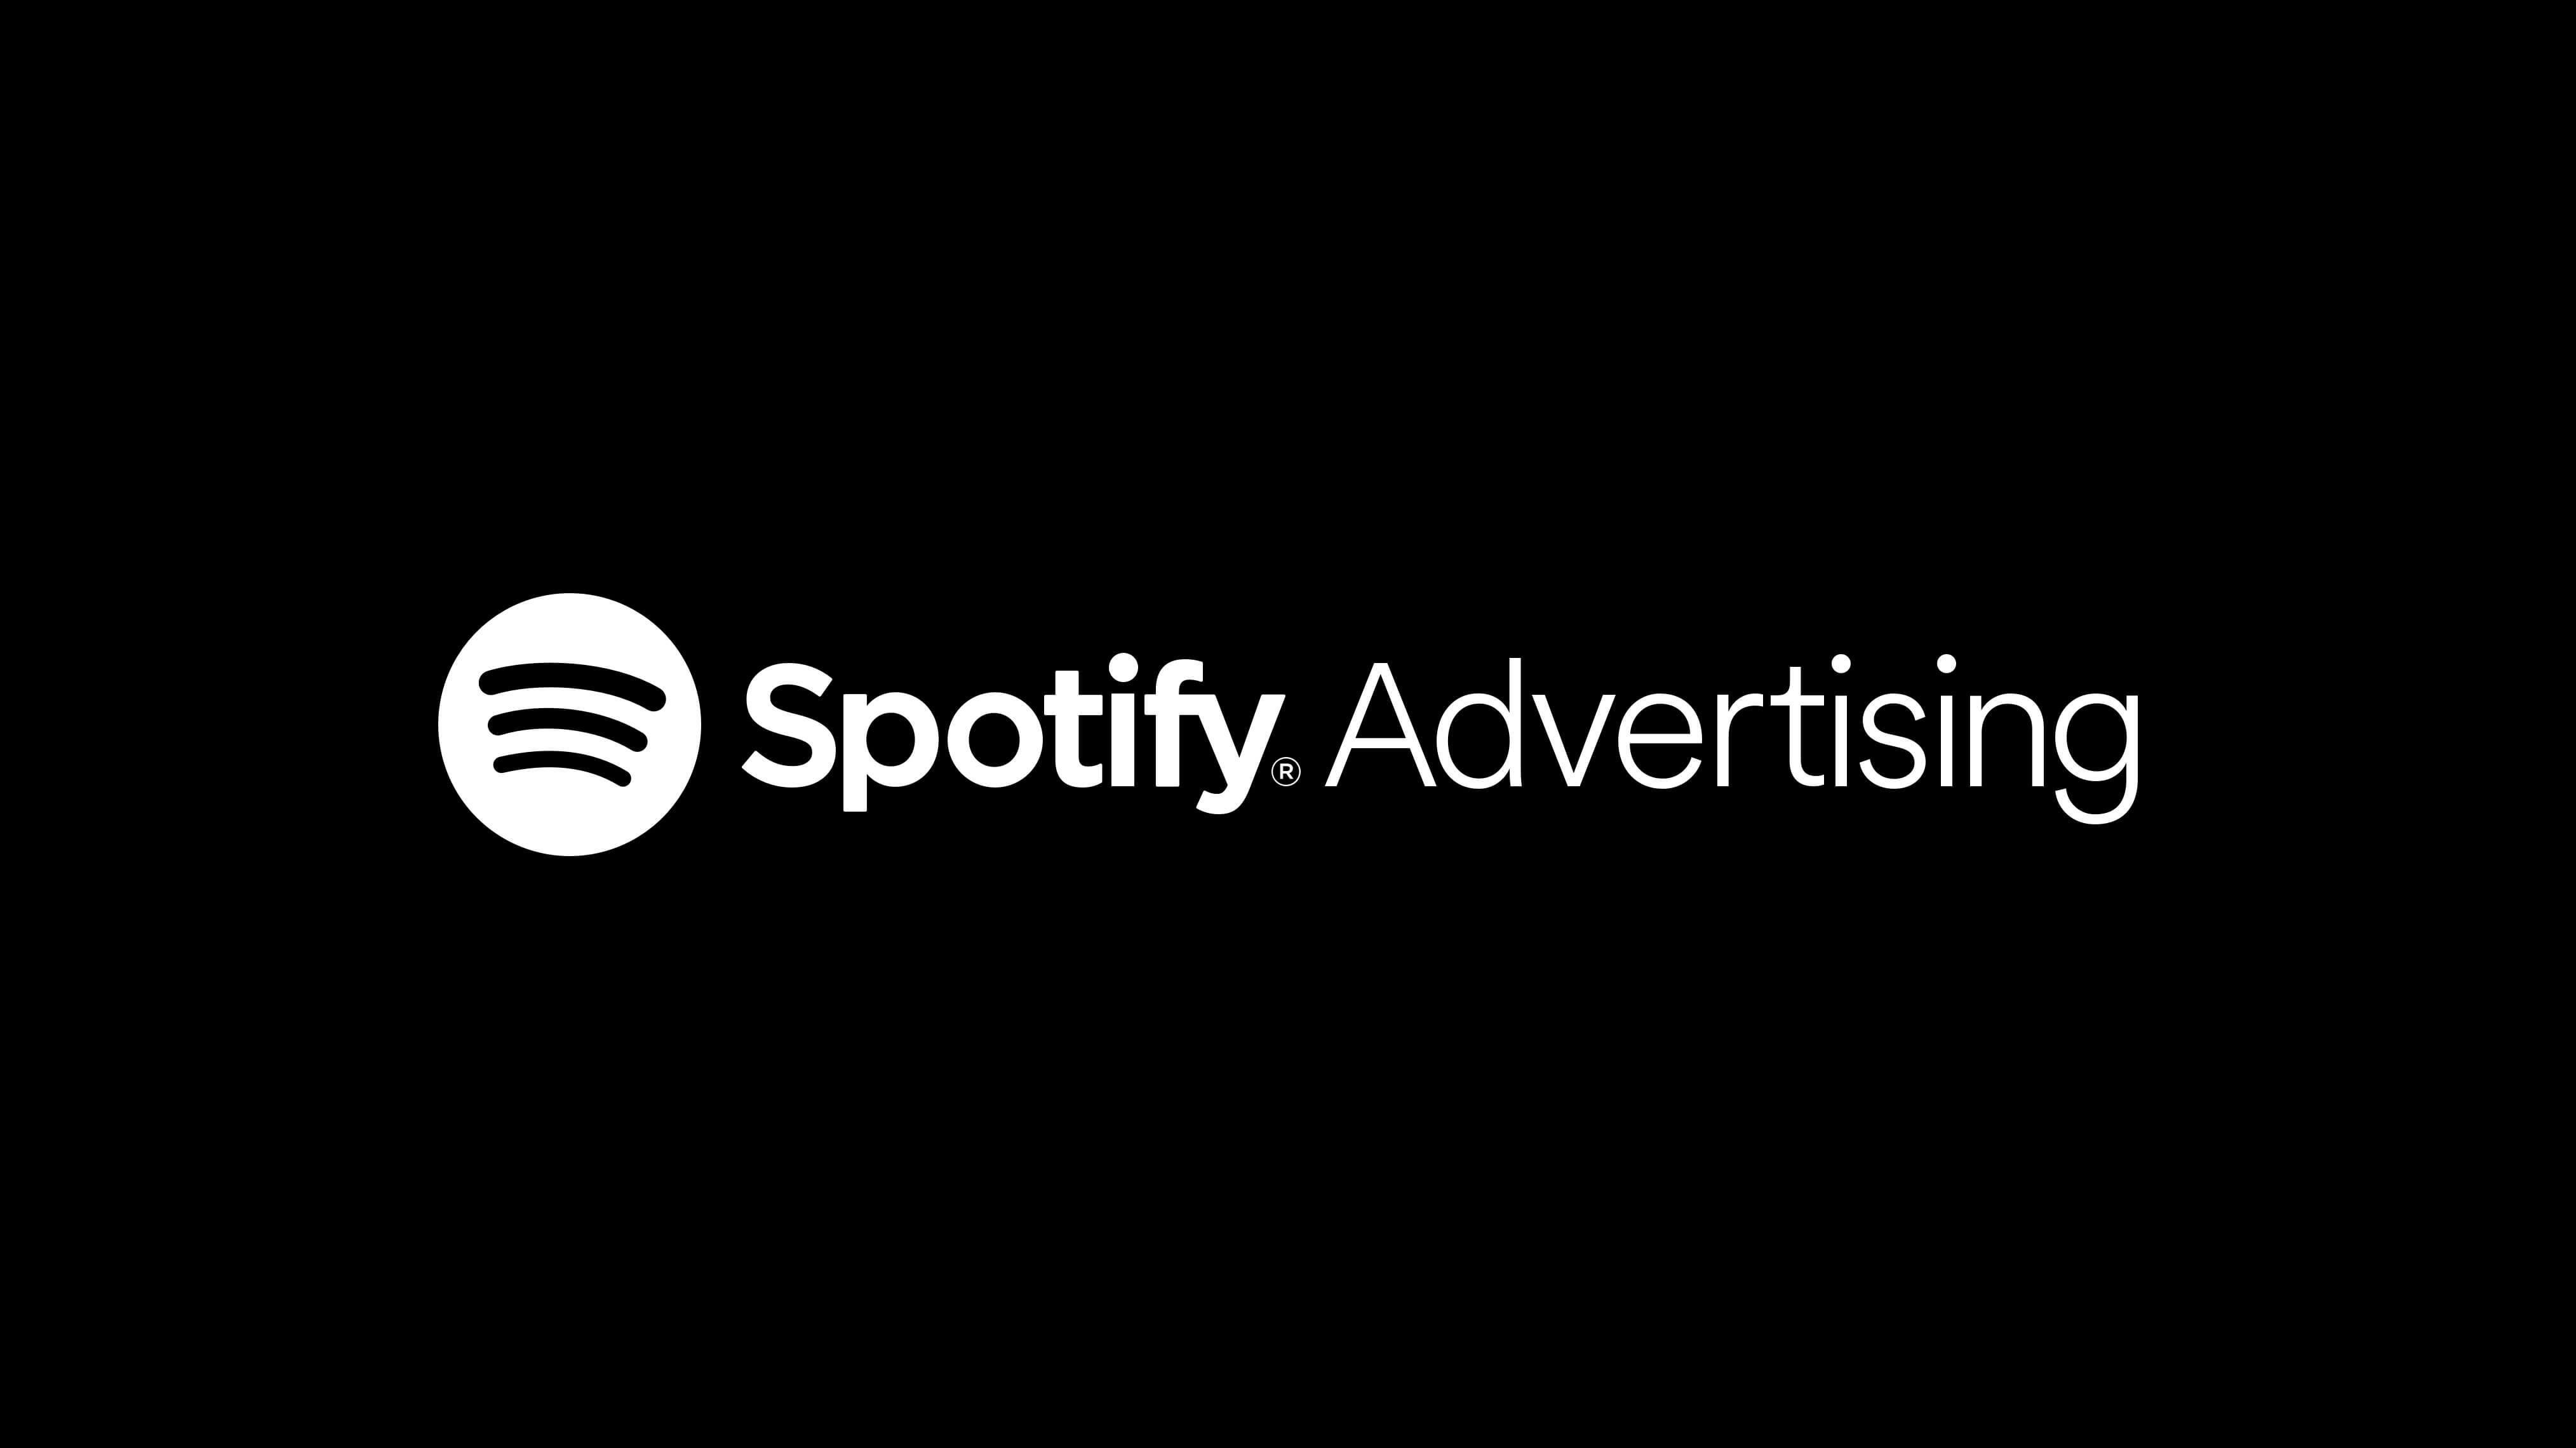 【インタビュー記事公開】「声優×音声広告」が秘める可能性